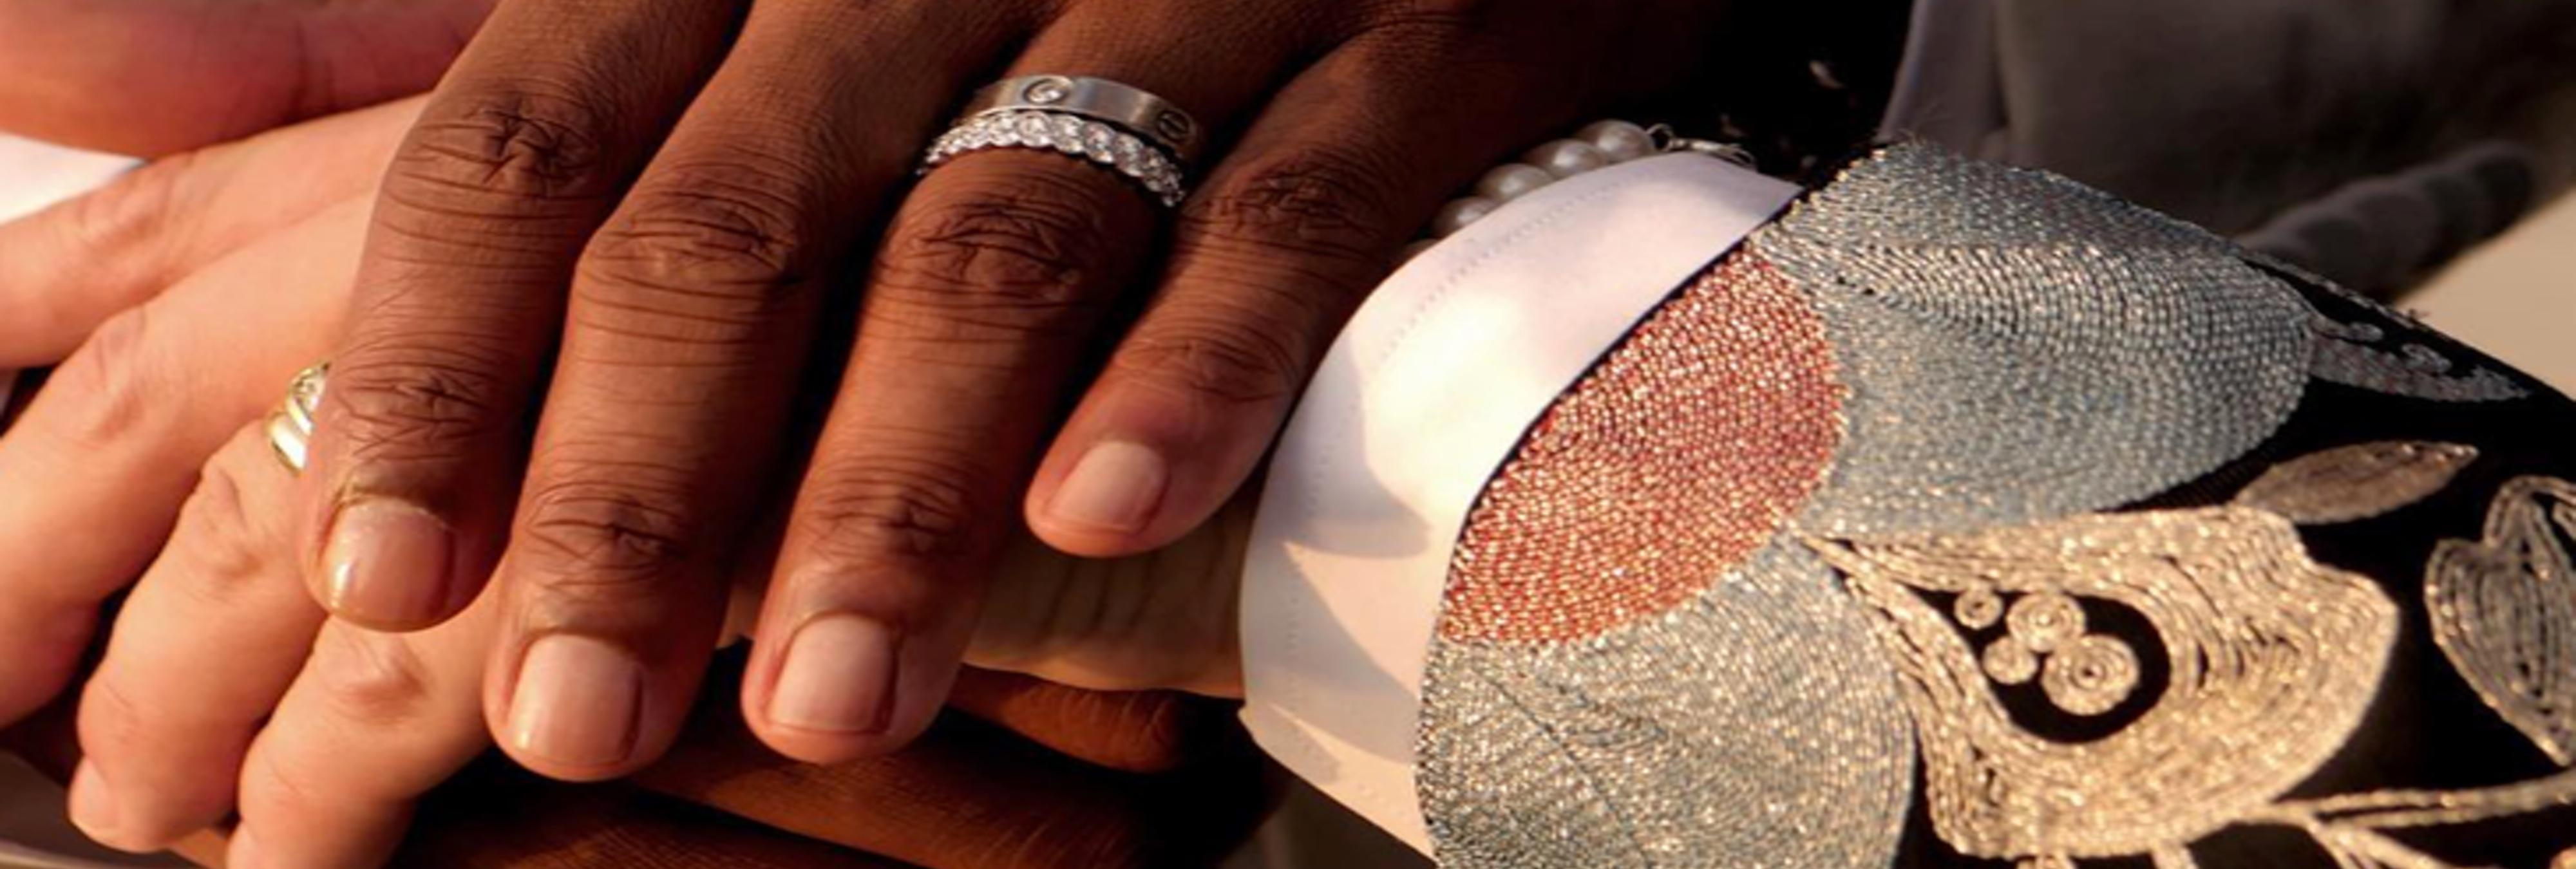 Un líder de extrema derecha homófobo y racista se casa con un hombre negro